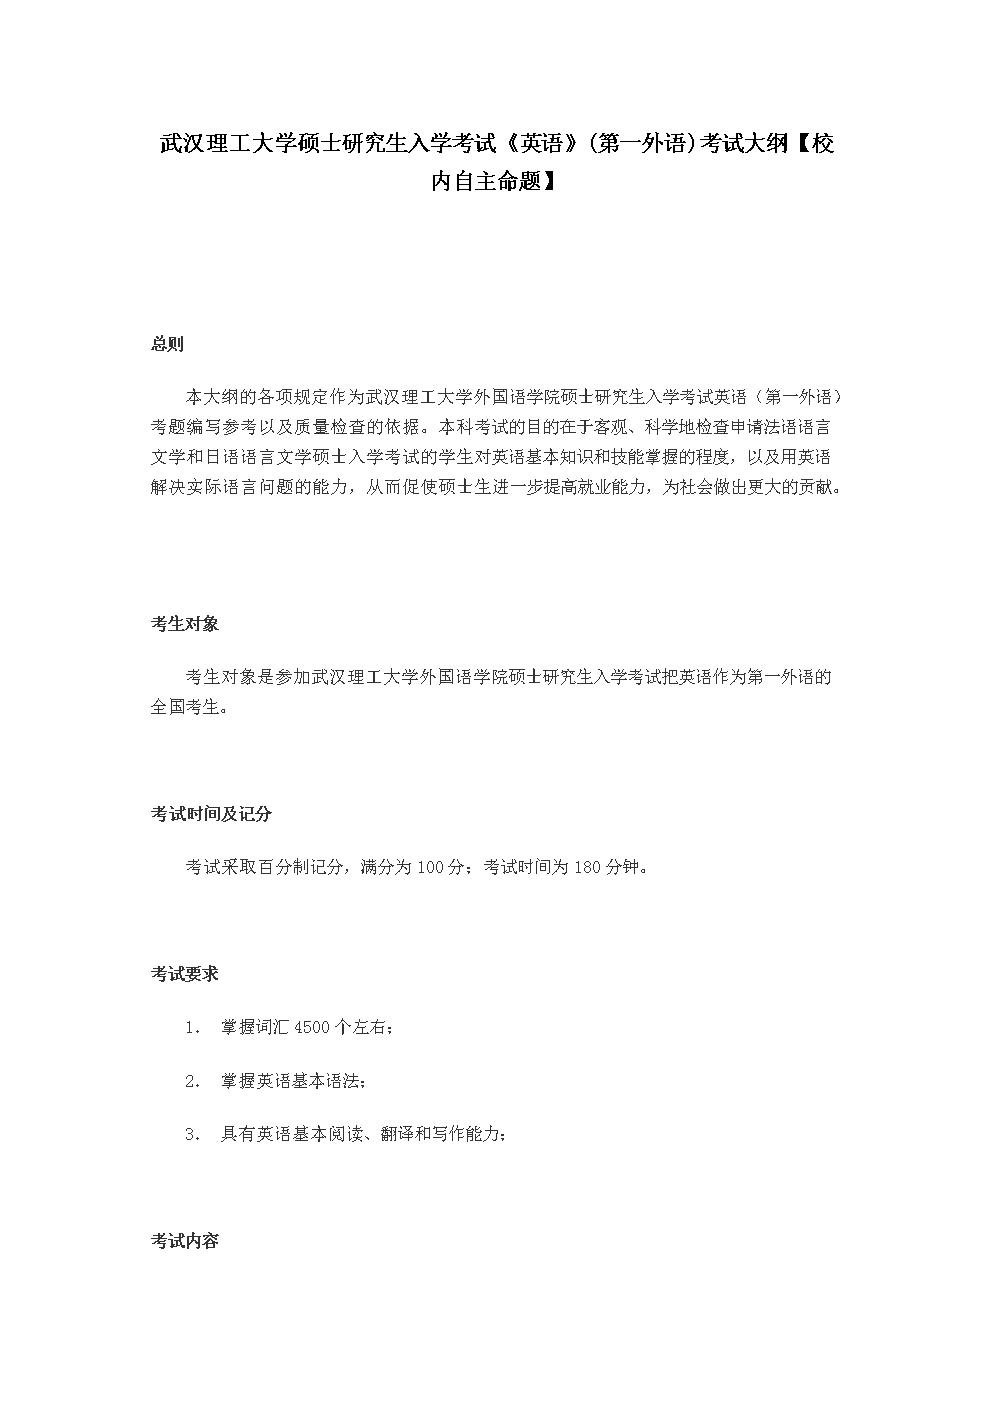 武汉理工大学硕士研究生入学考试《英语》(第一外语)考.docx